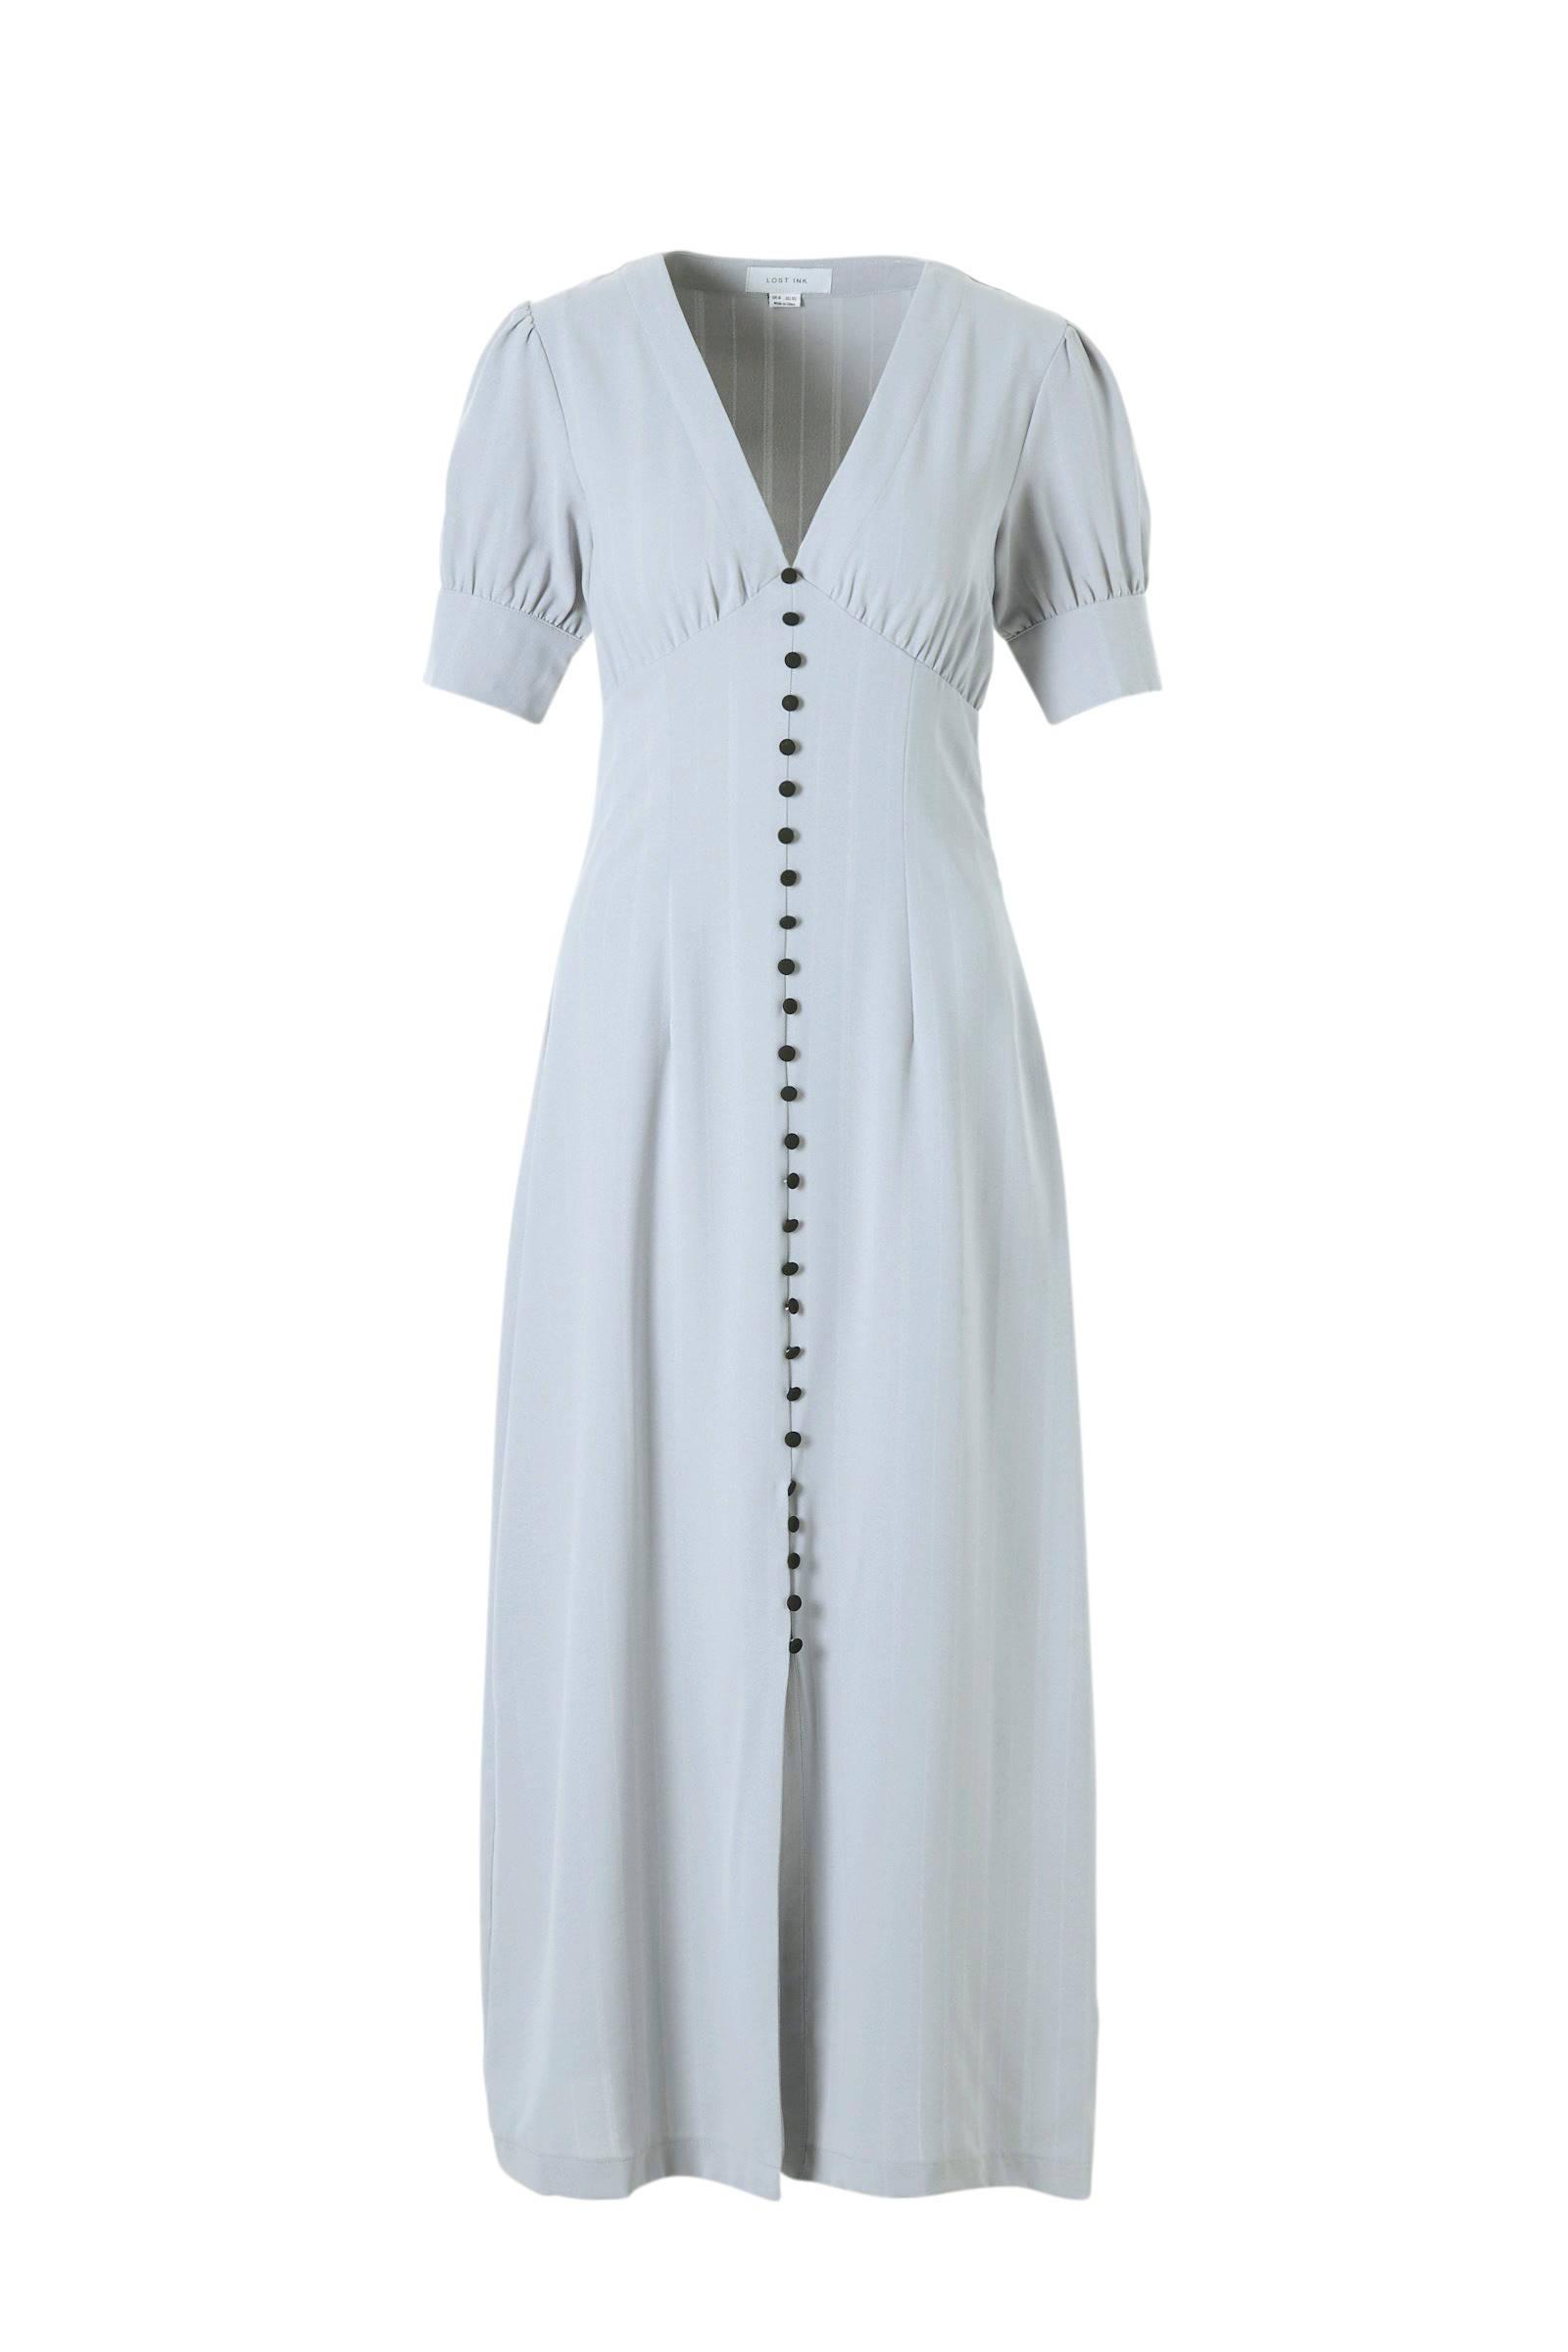 wehkamp maxi jurk